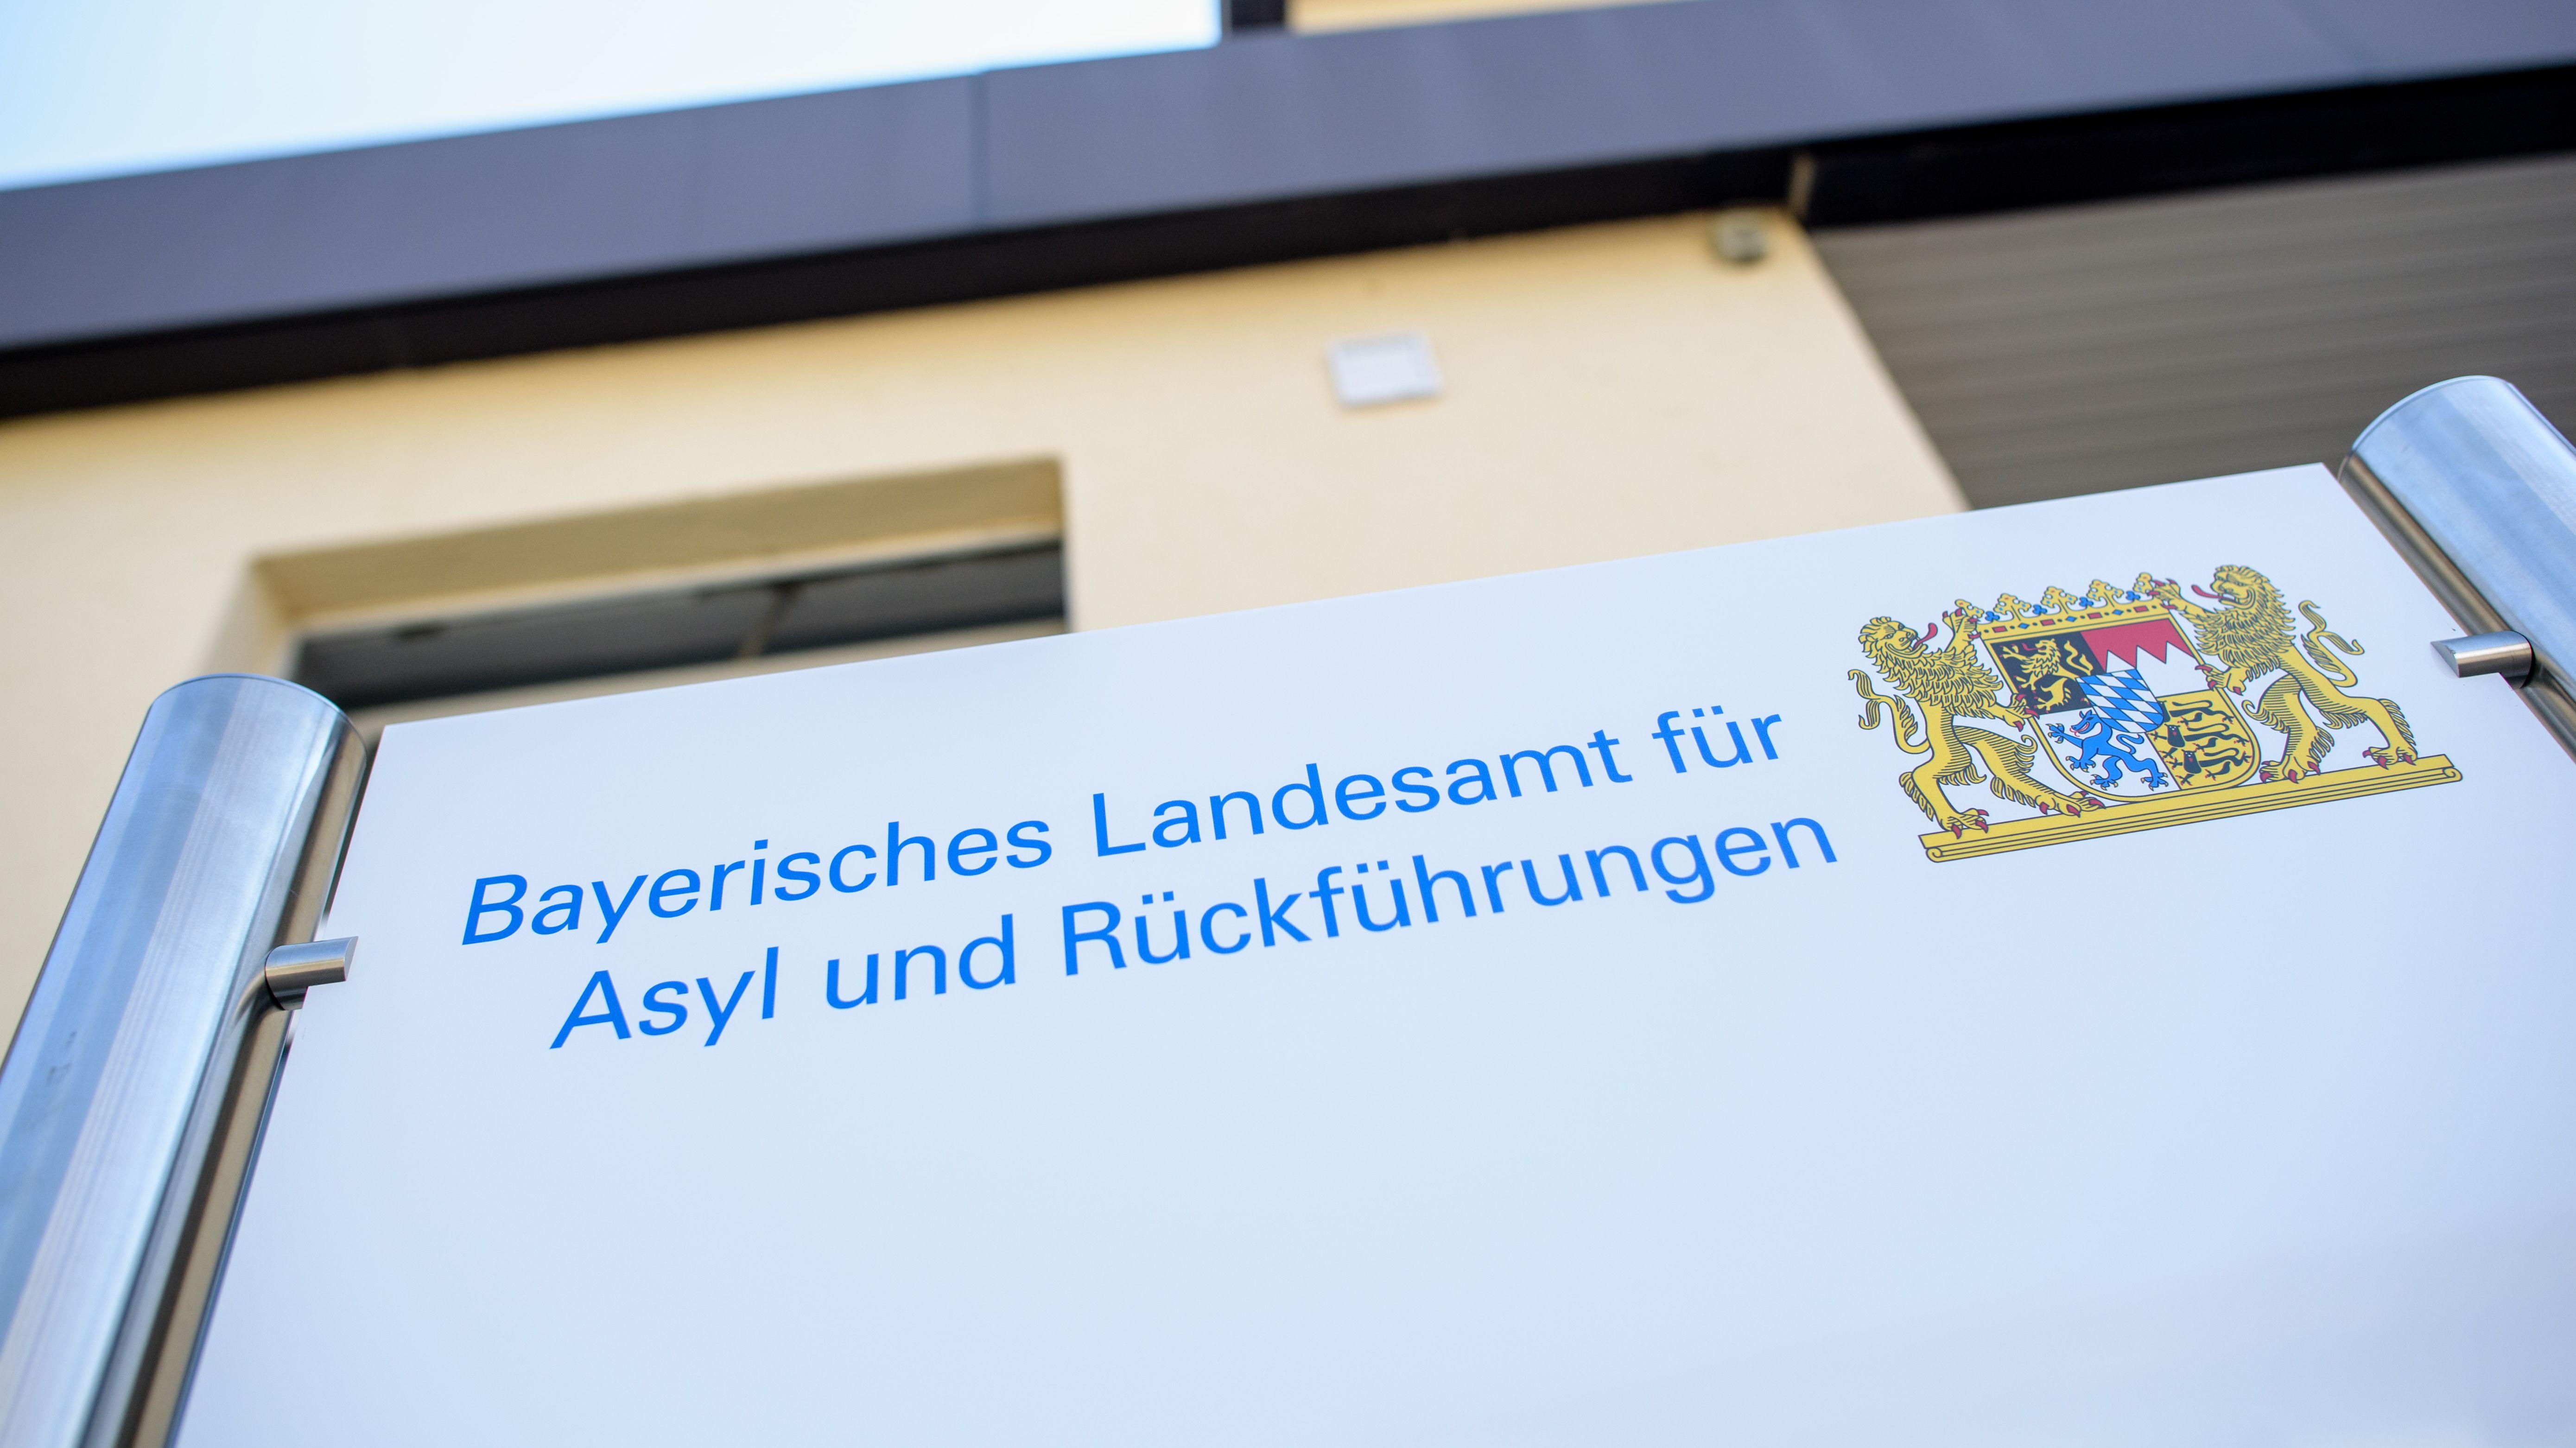 """Ein Schild mit der Aufschrift """"Bayerisches Landesamt für Asyl und Rückführungen"""" ist im Transitzentrum Manching vor dem Gebäude zu sehen."""